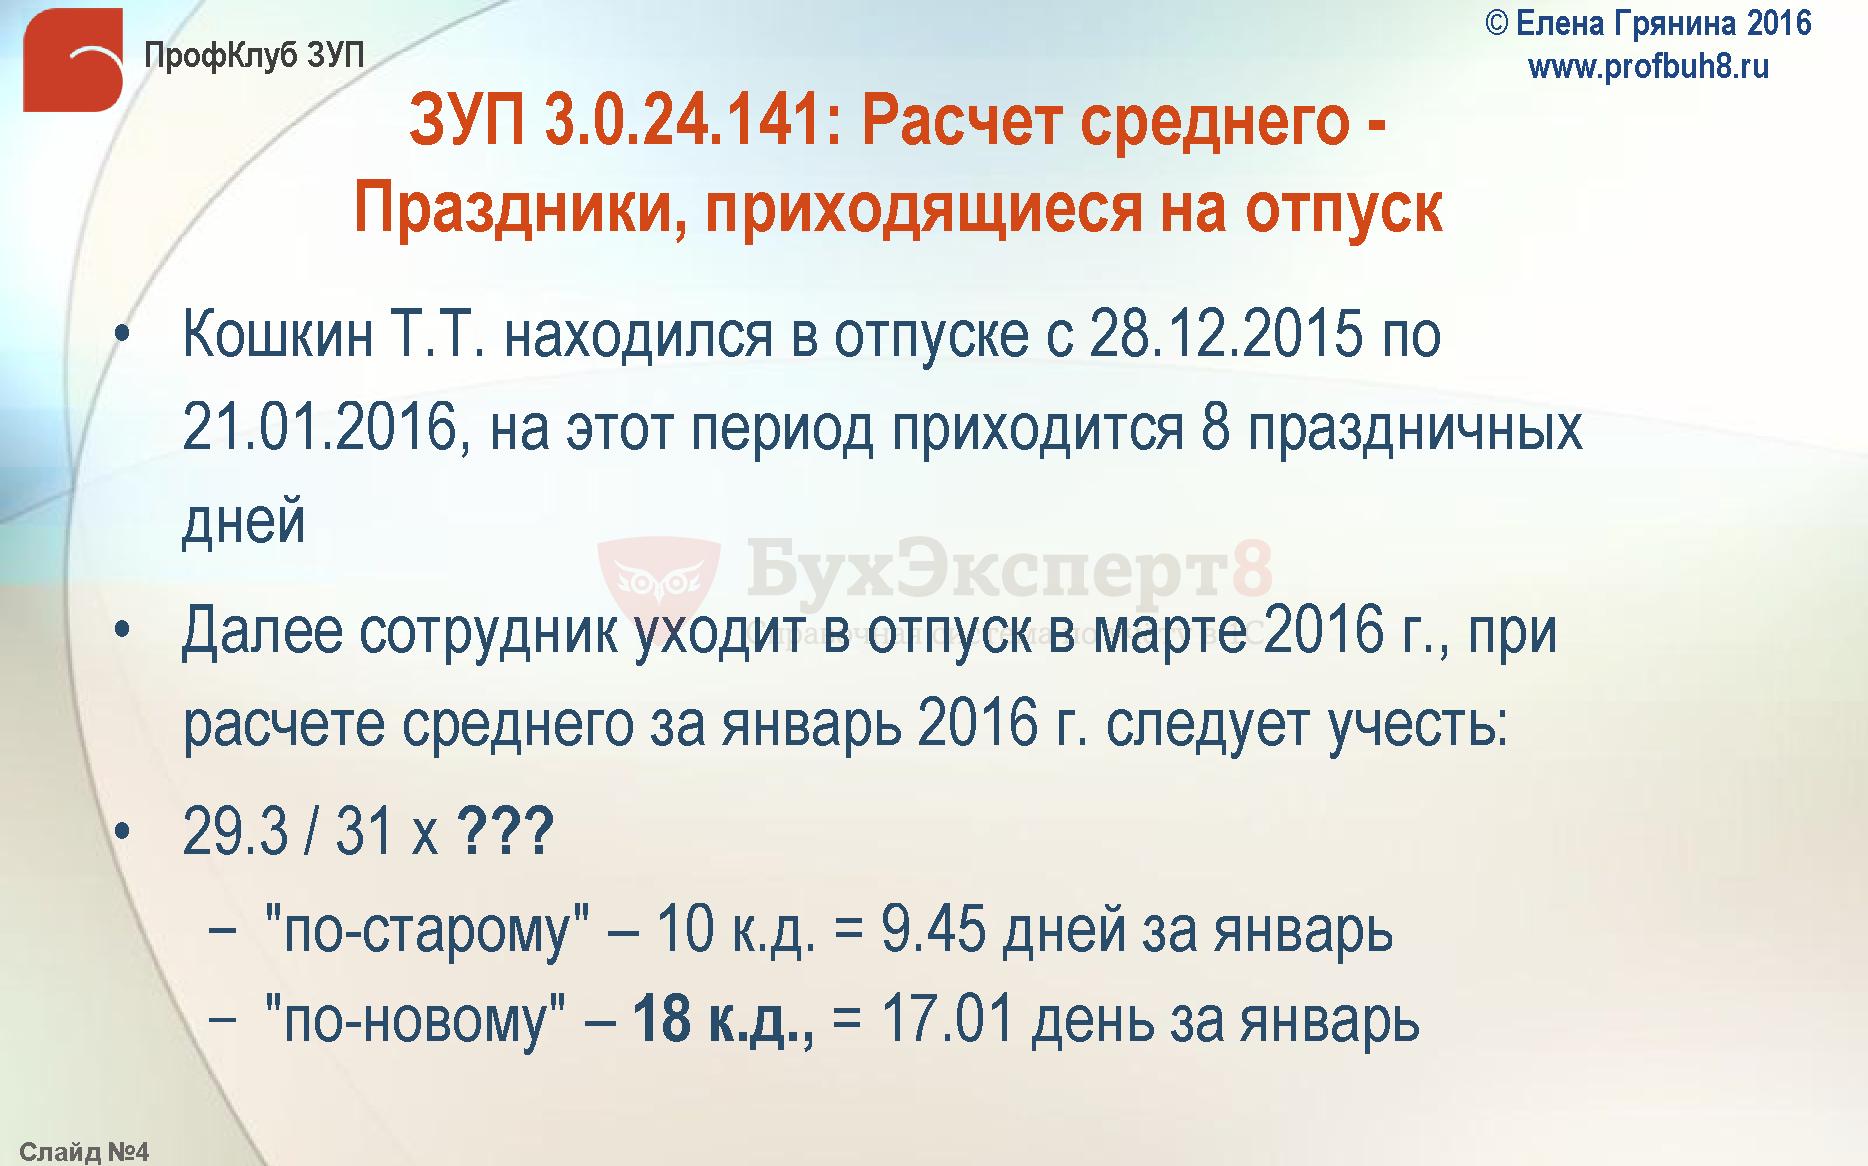 """ЗУП 3.0.24.141: Расчет среднего -Праздники, приходящиеся на отпуск Кошкин Т.Т. находился в отпуске с 28.12.2015 по 21.01.2016, на этот период приходится 8 праздничных дней Далее сотрудник уходит в отпуск в марте 2016 г., при расчете среднего за январь 2016 г. следует учесть: 29.3 / 31 х ??? −""""по-старому"""" –10 к.д. = 9.45 дней за январь −""""по-новому"""" –18 к.д., = 17.01 день за январь"""